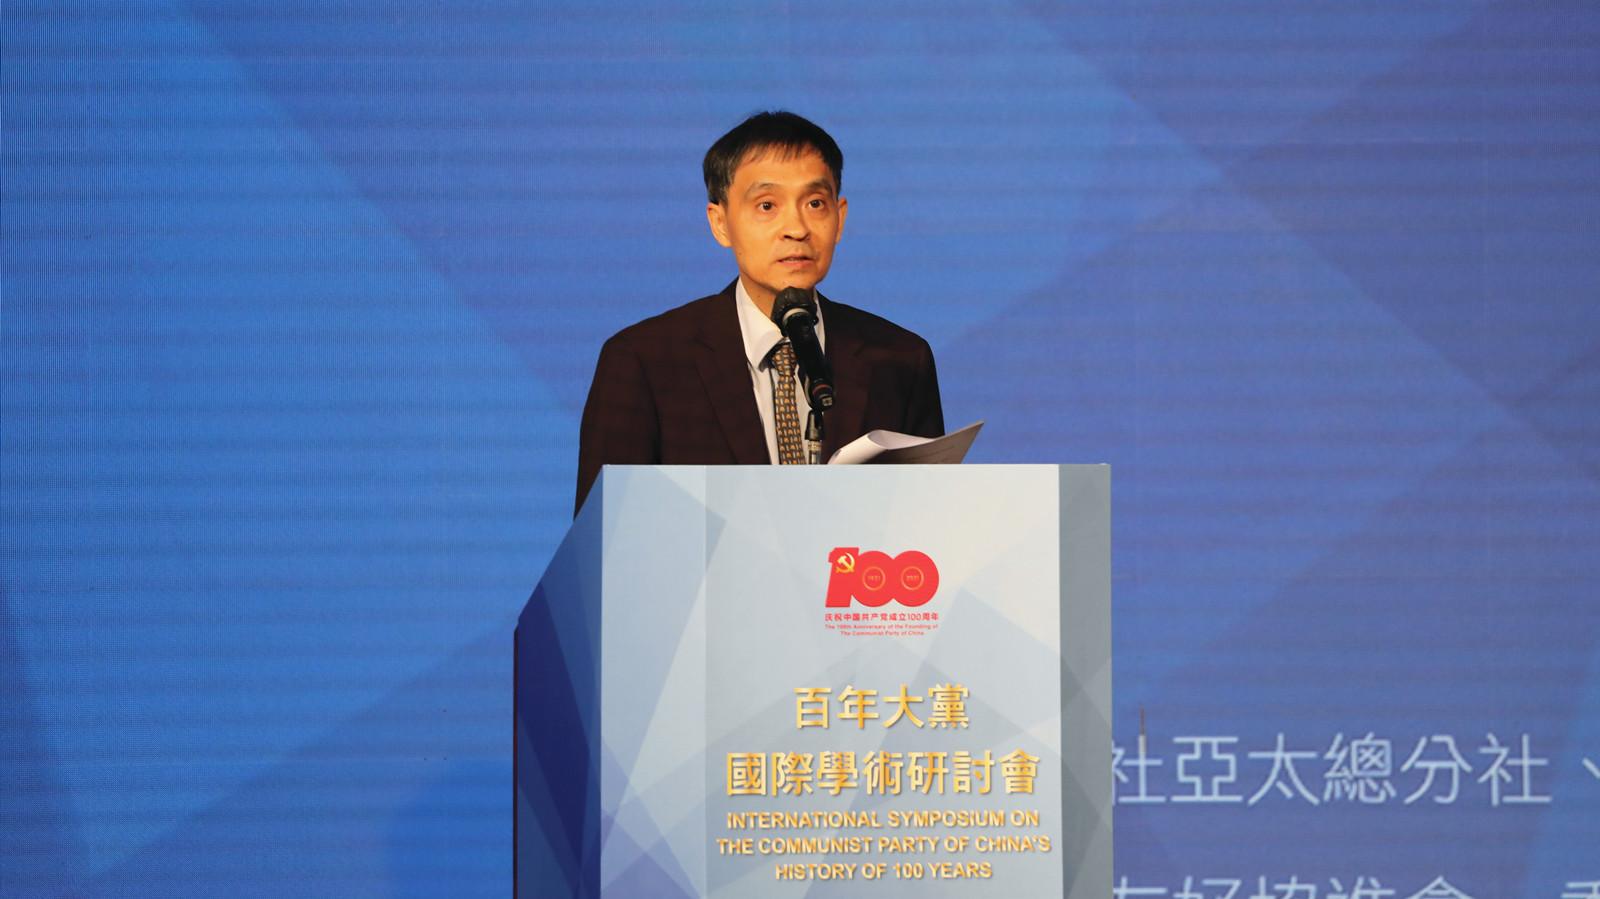 【有片】陳弘毅:香港可為中華民族偉大復興作重要貢獻